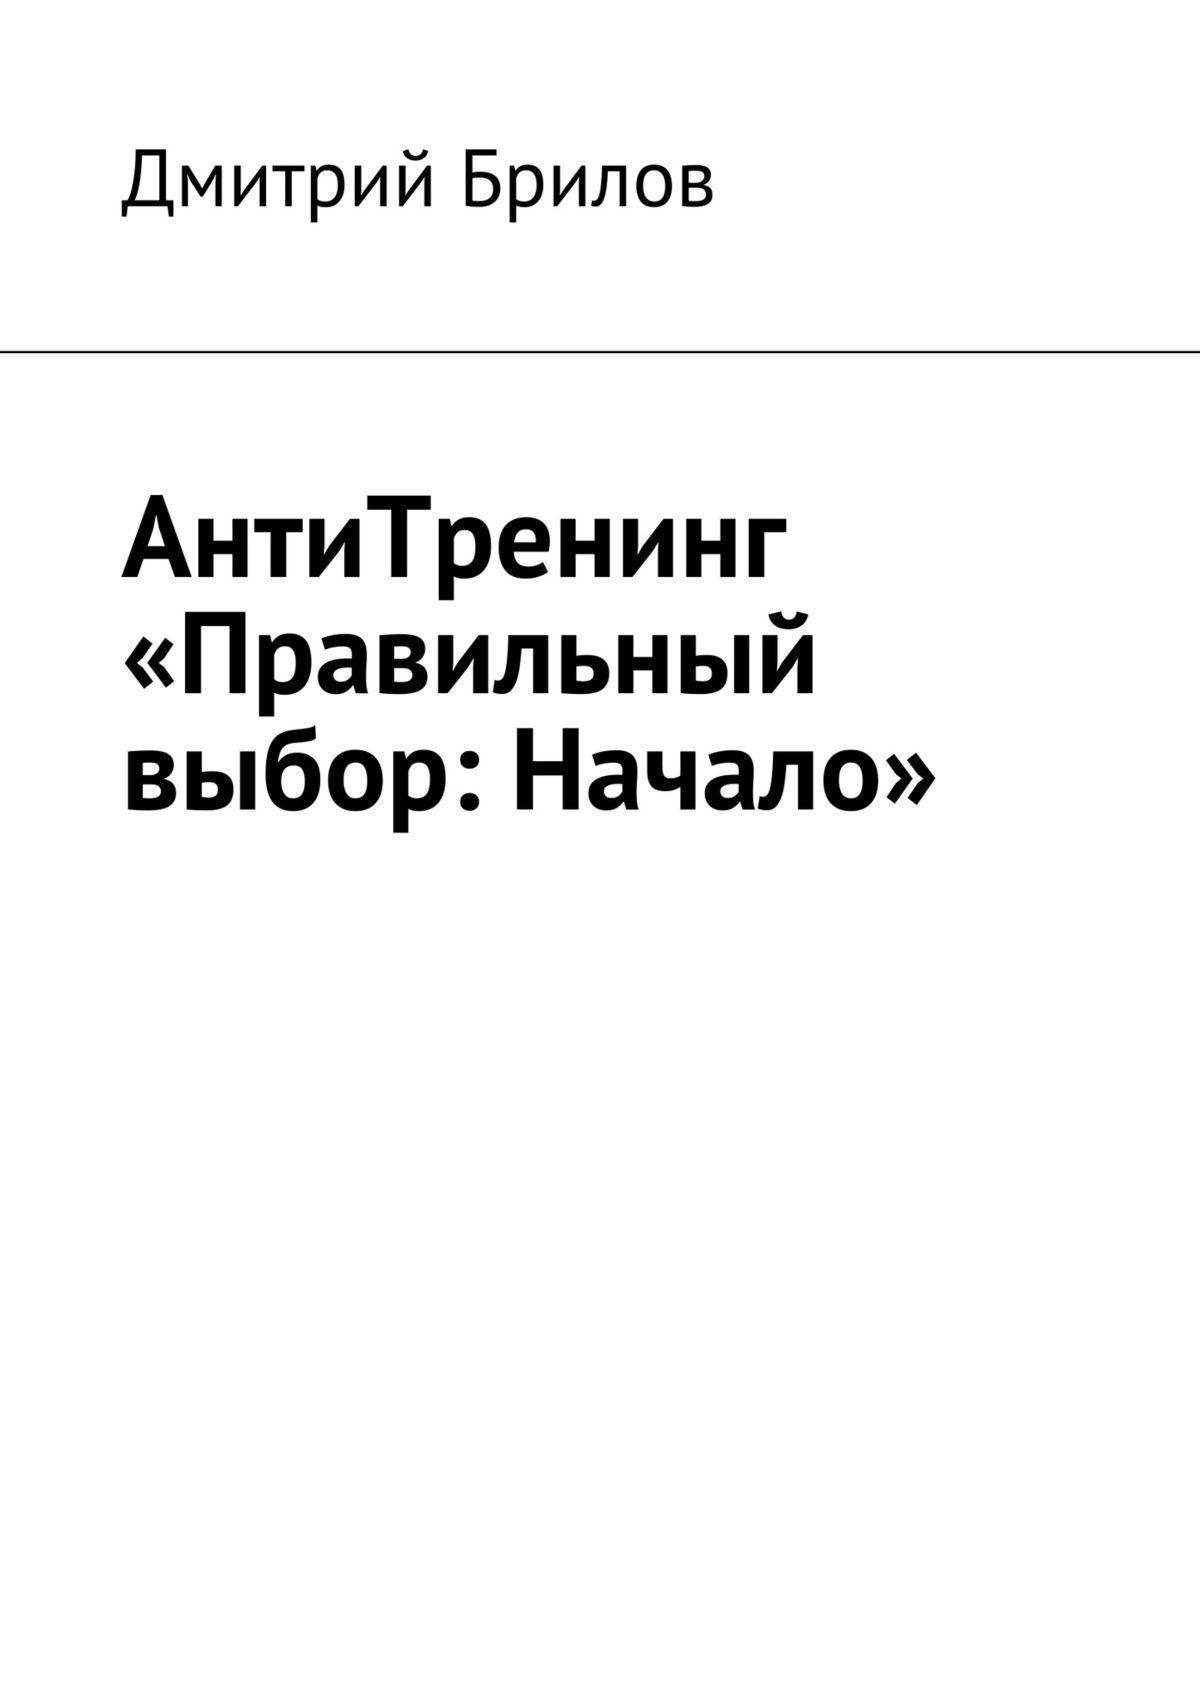 Дмитрий Брилов АнтиТренинг «Правильный выбор: Начало» дмитрий брилов кофе с молоком начало